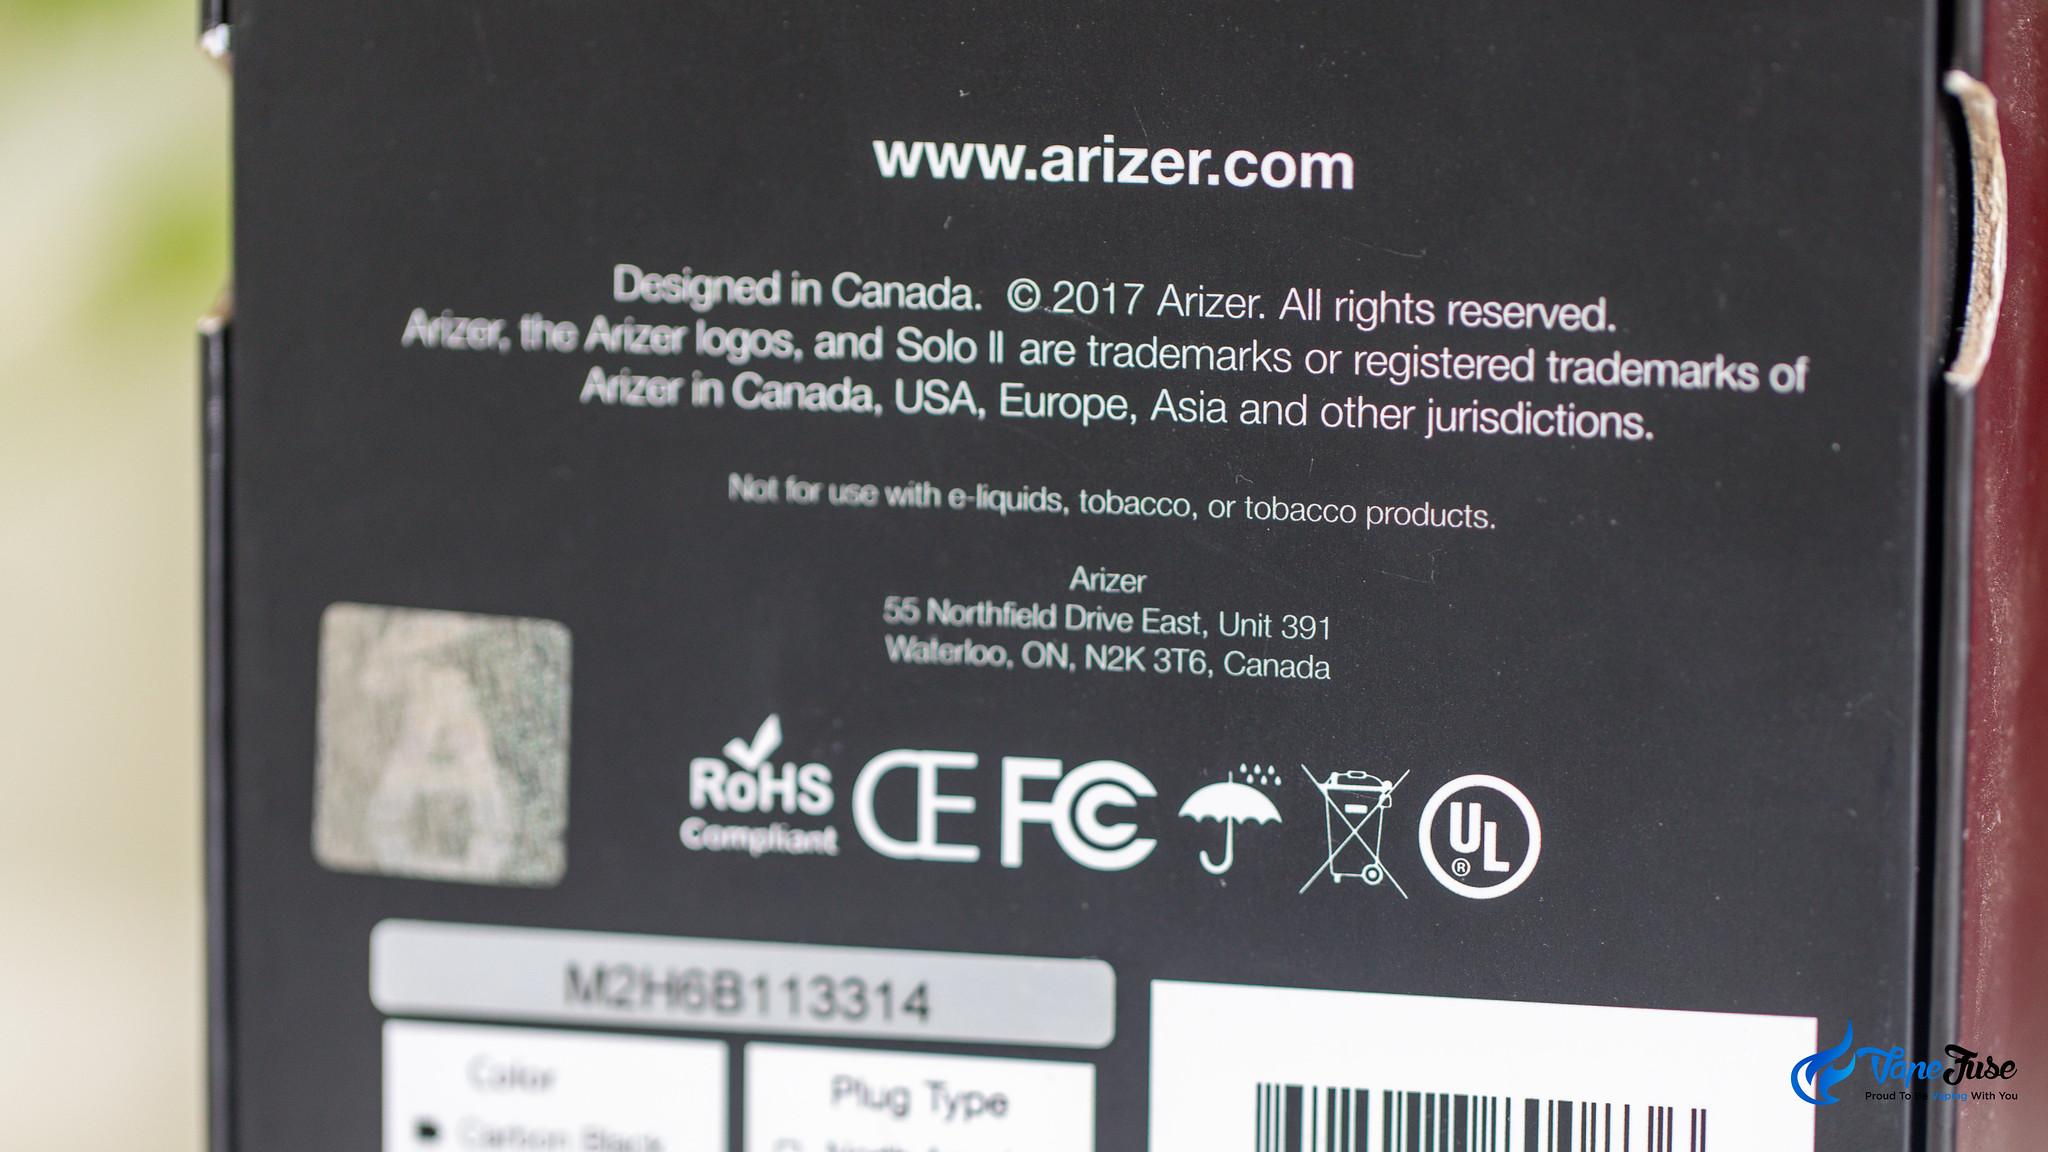 Arizer vaporzier box with UL mark